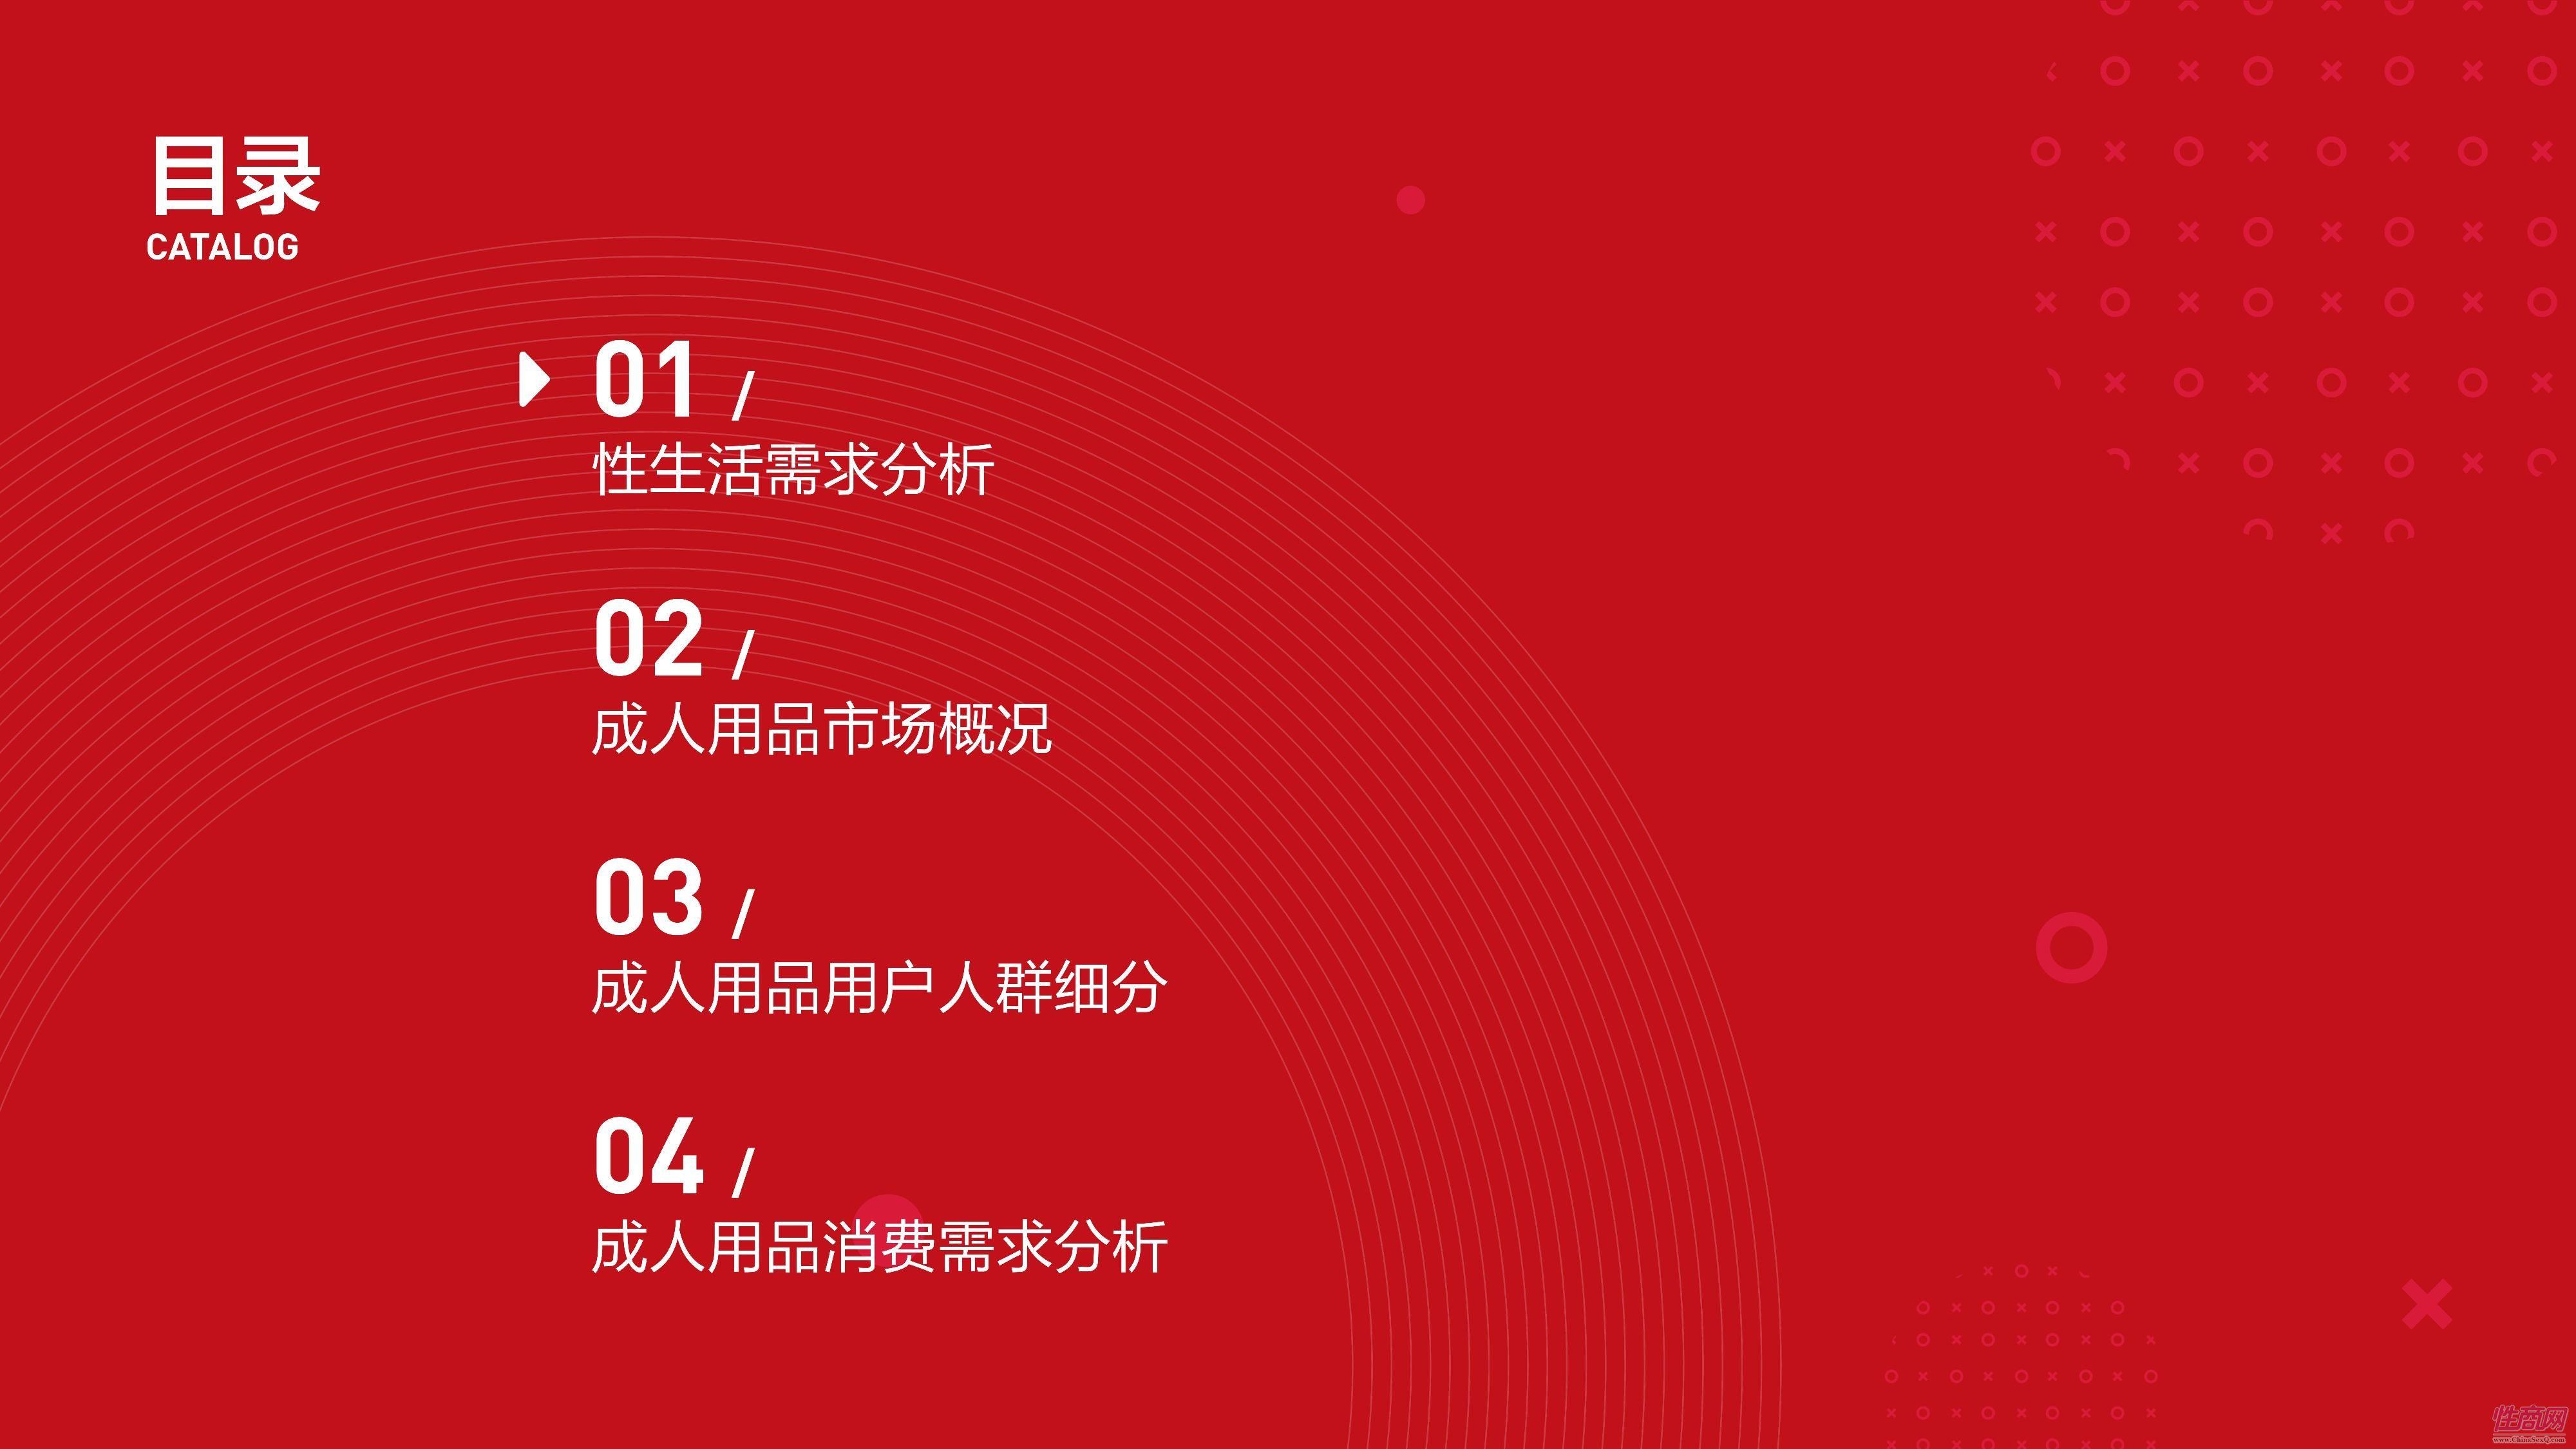 18中国8090性福报告 (3)